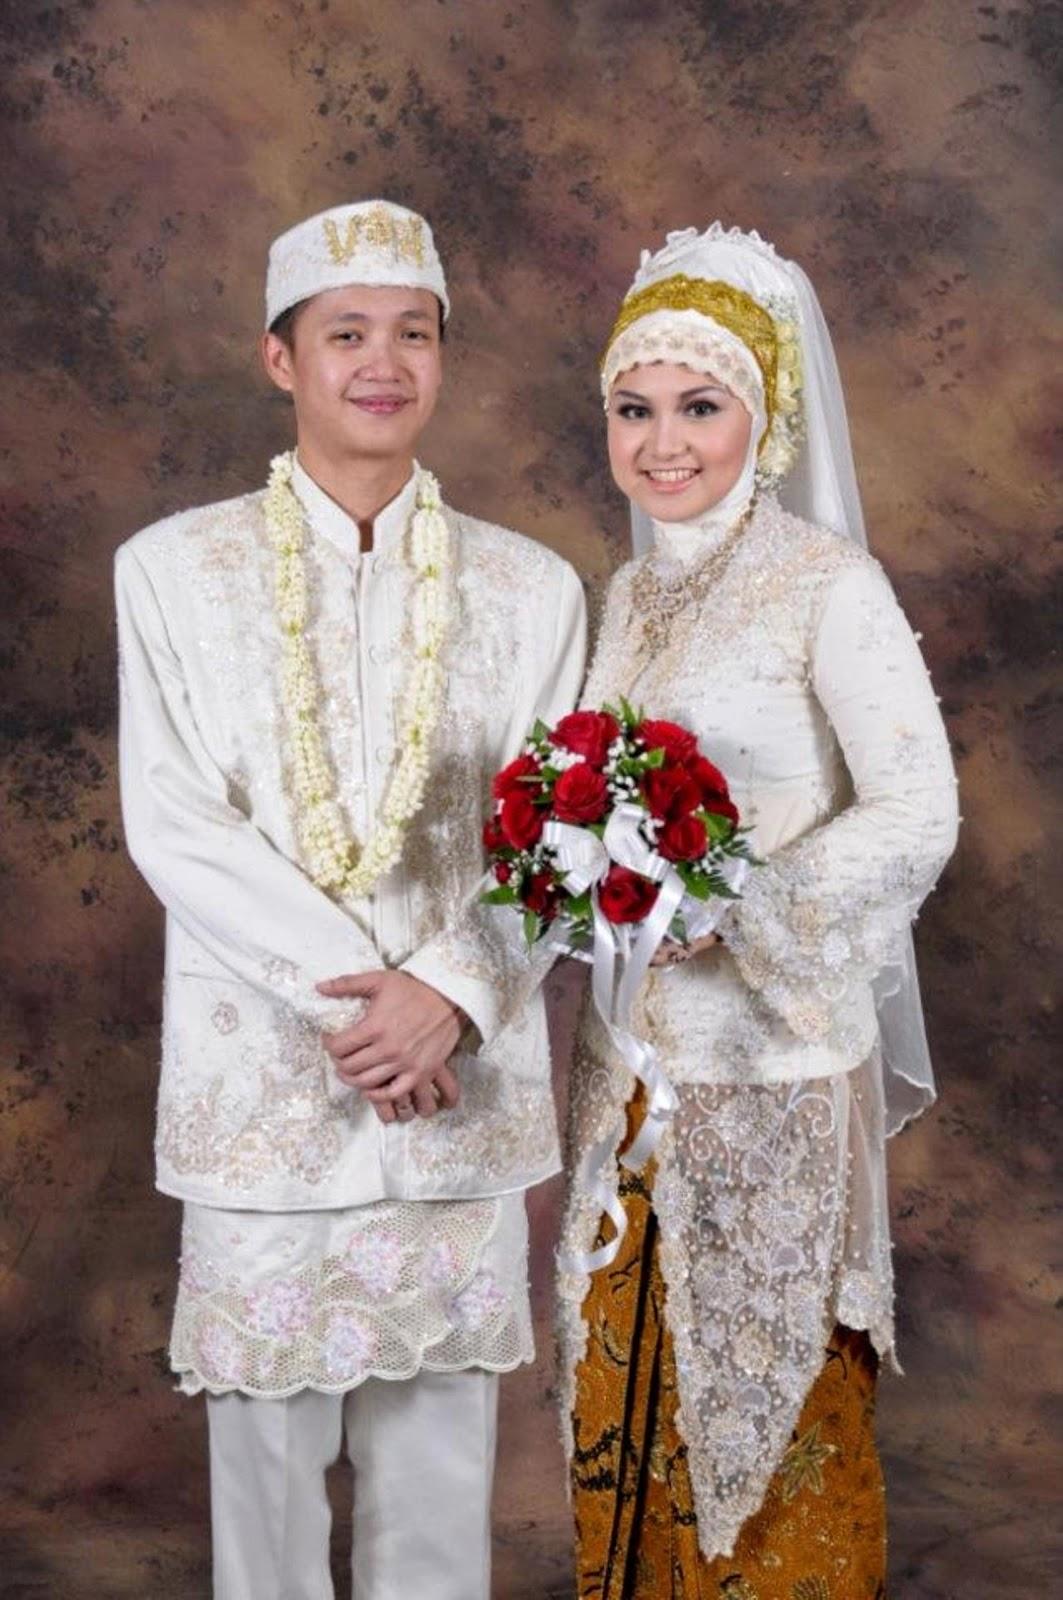 Baju Muslim | Jual Baju Muslim & Busana Muslim Berkualitas